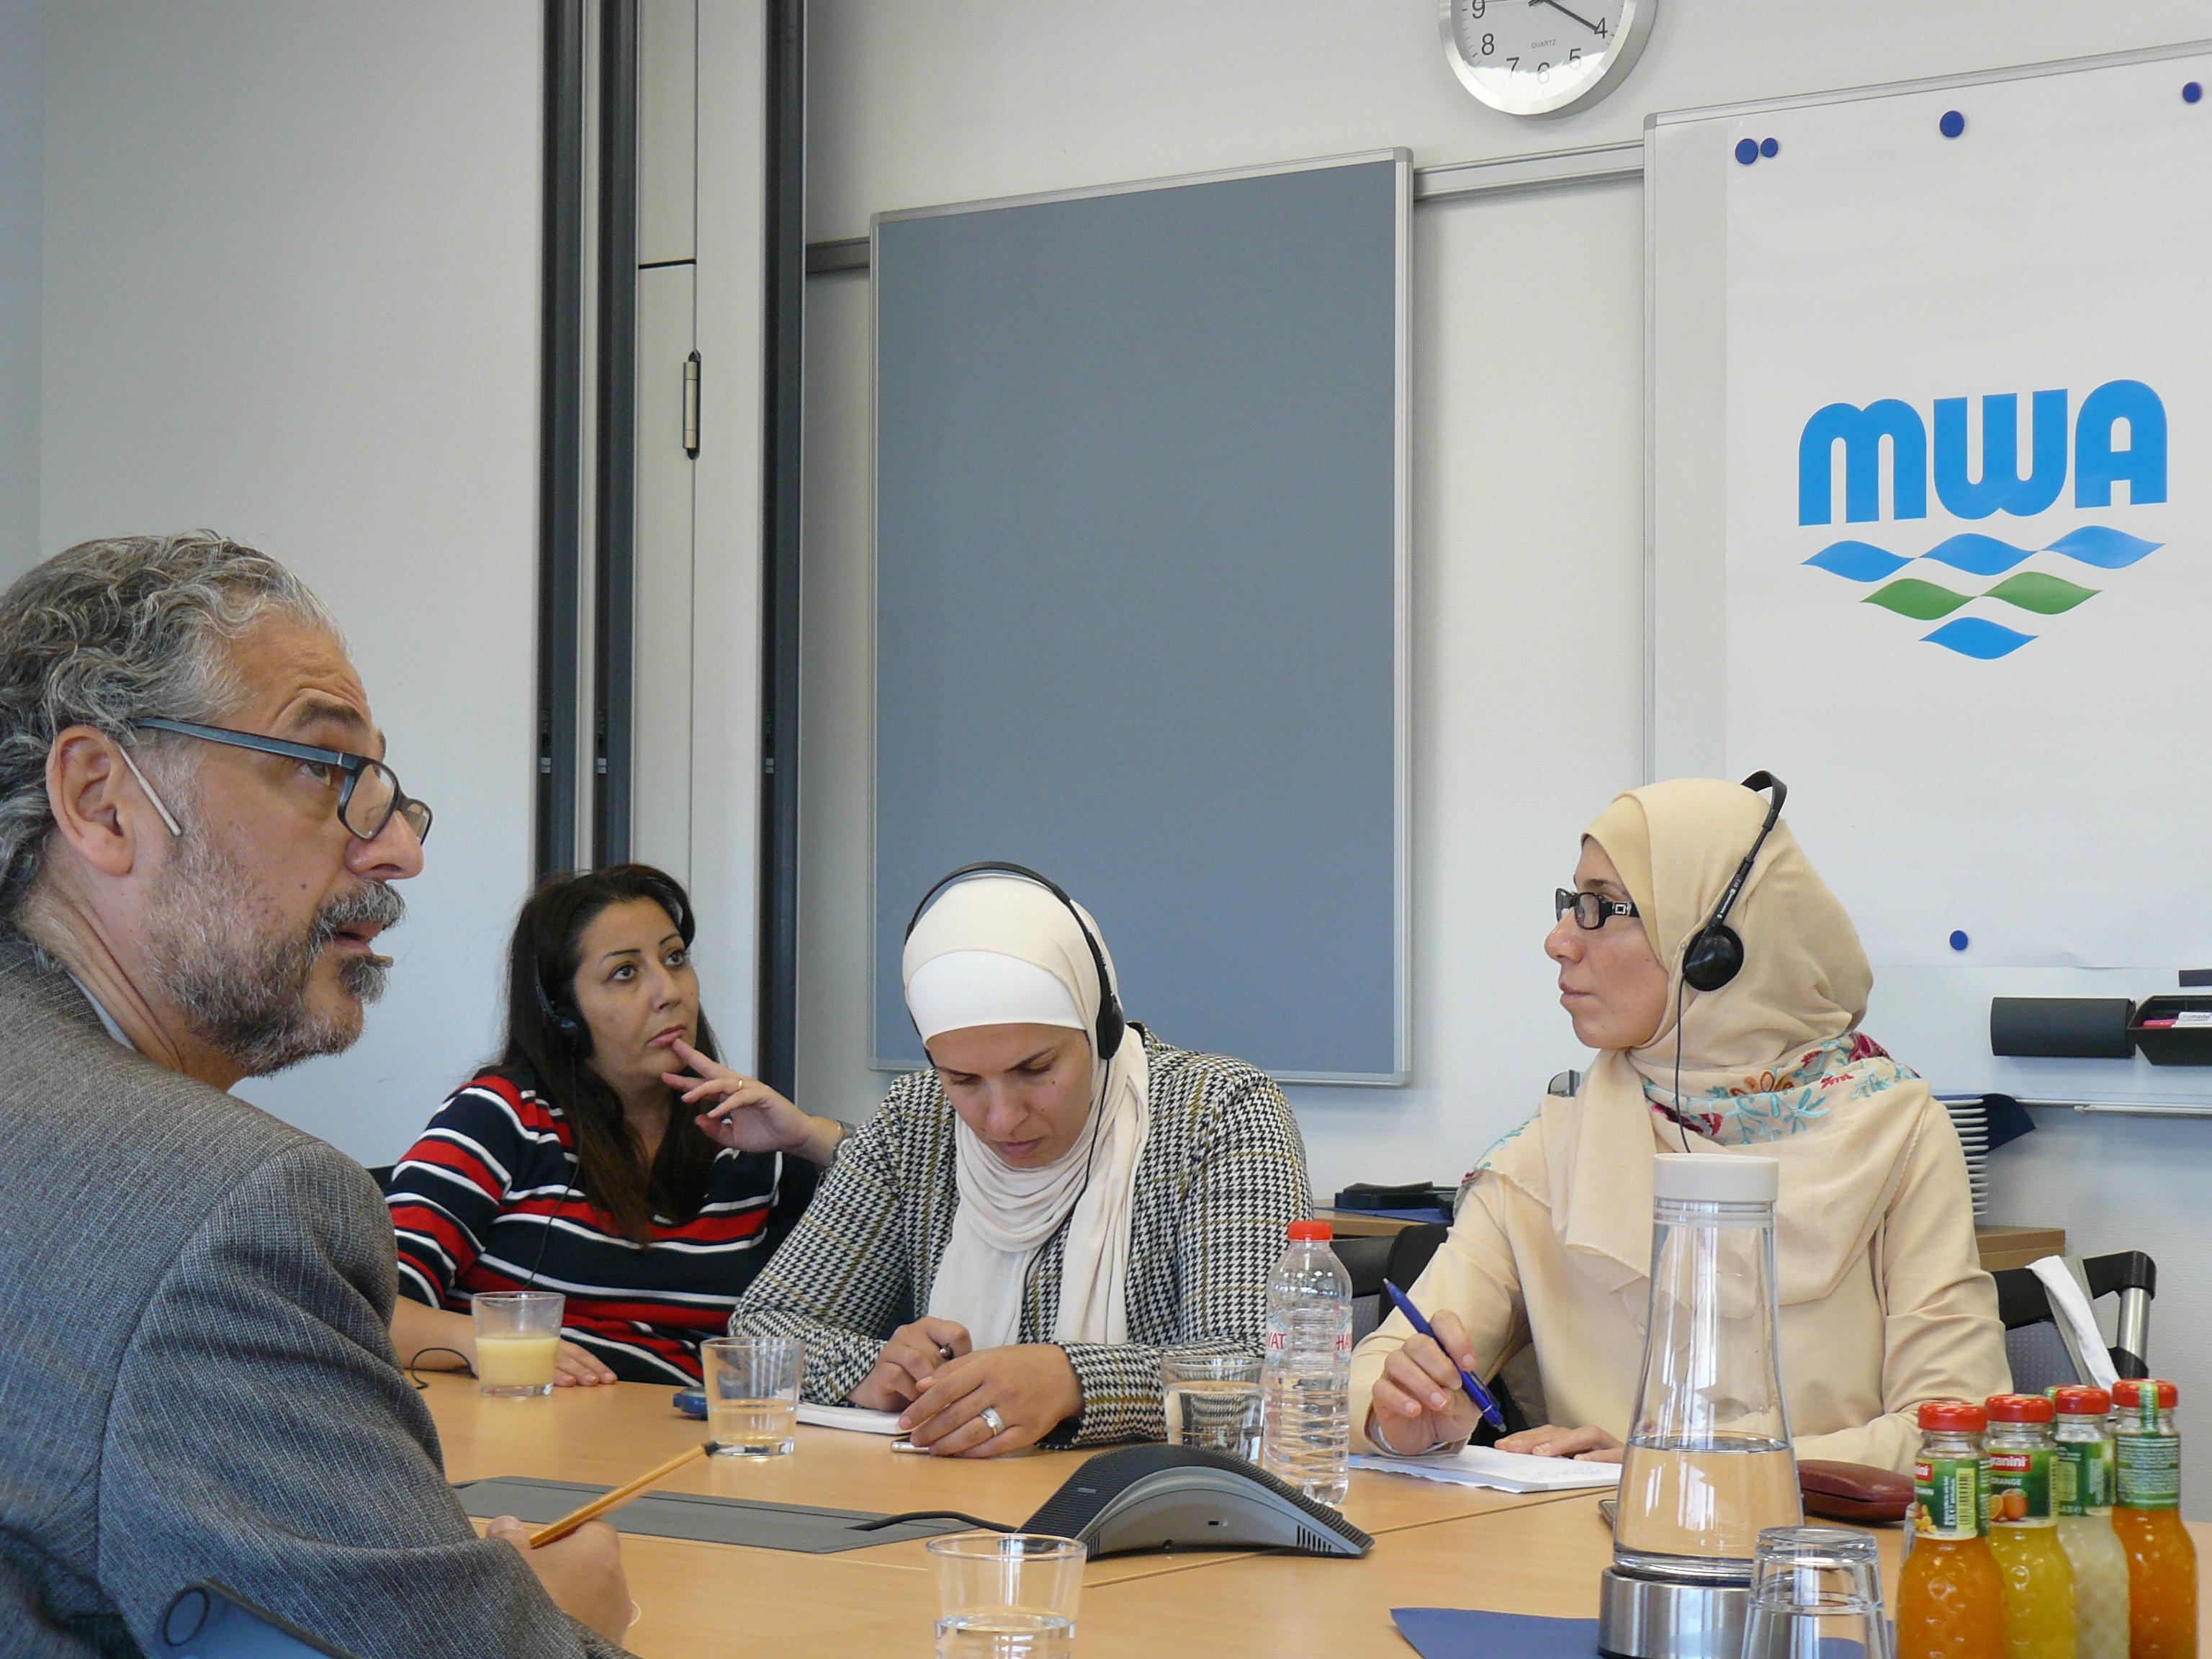 Jordanische Delegation bei der MWA